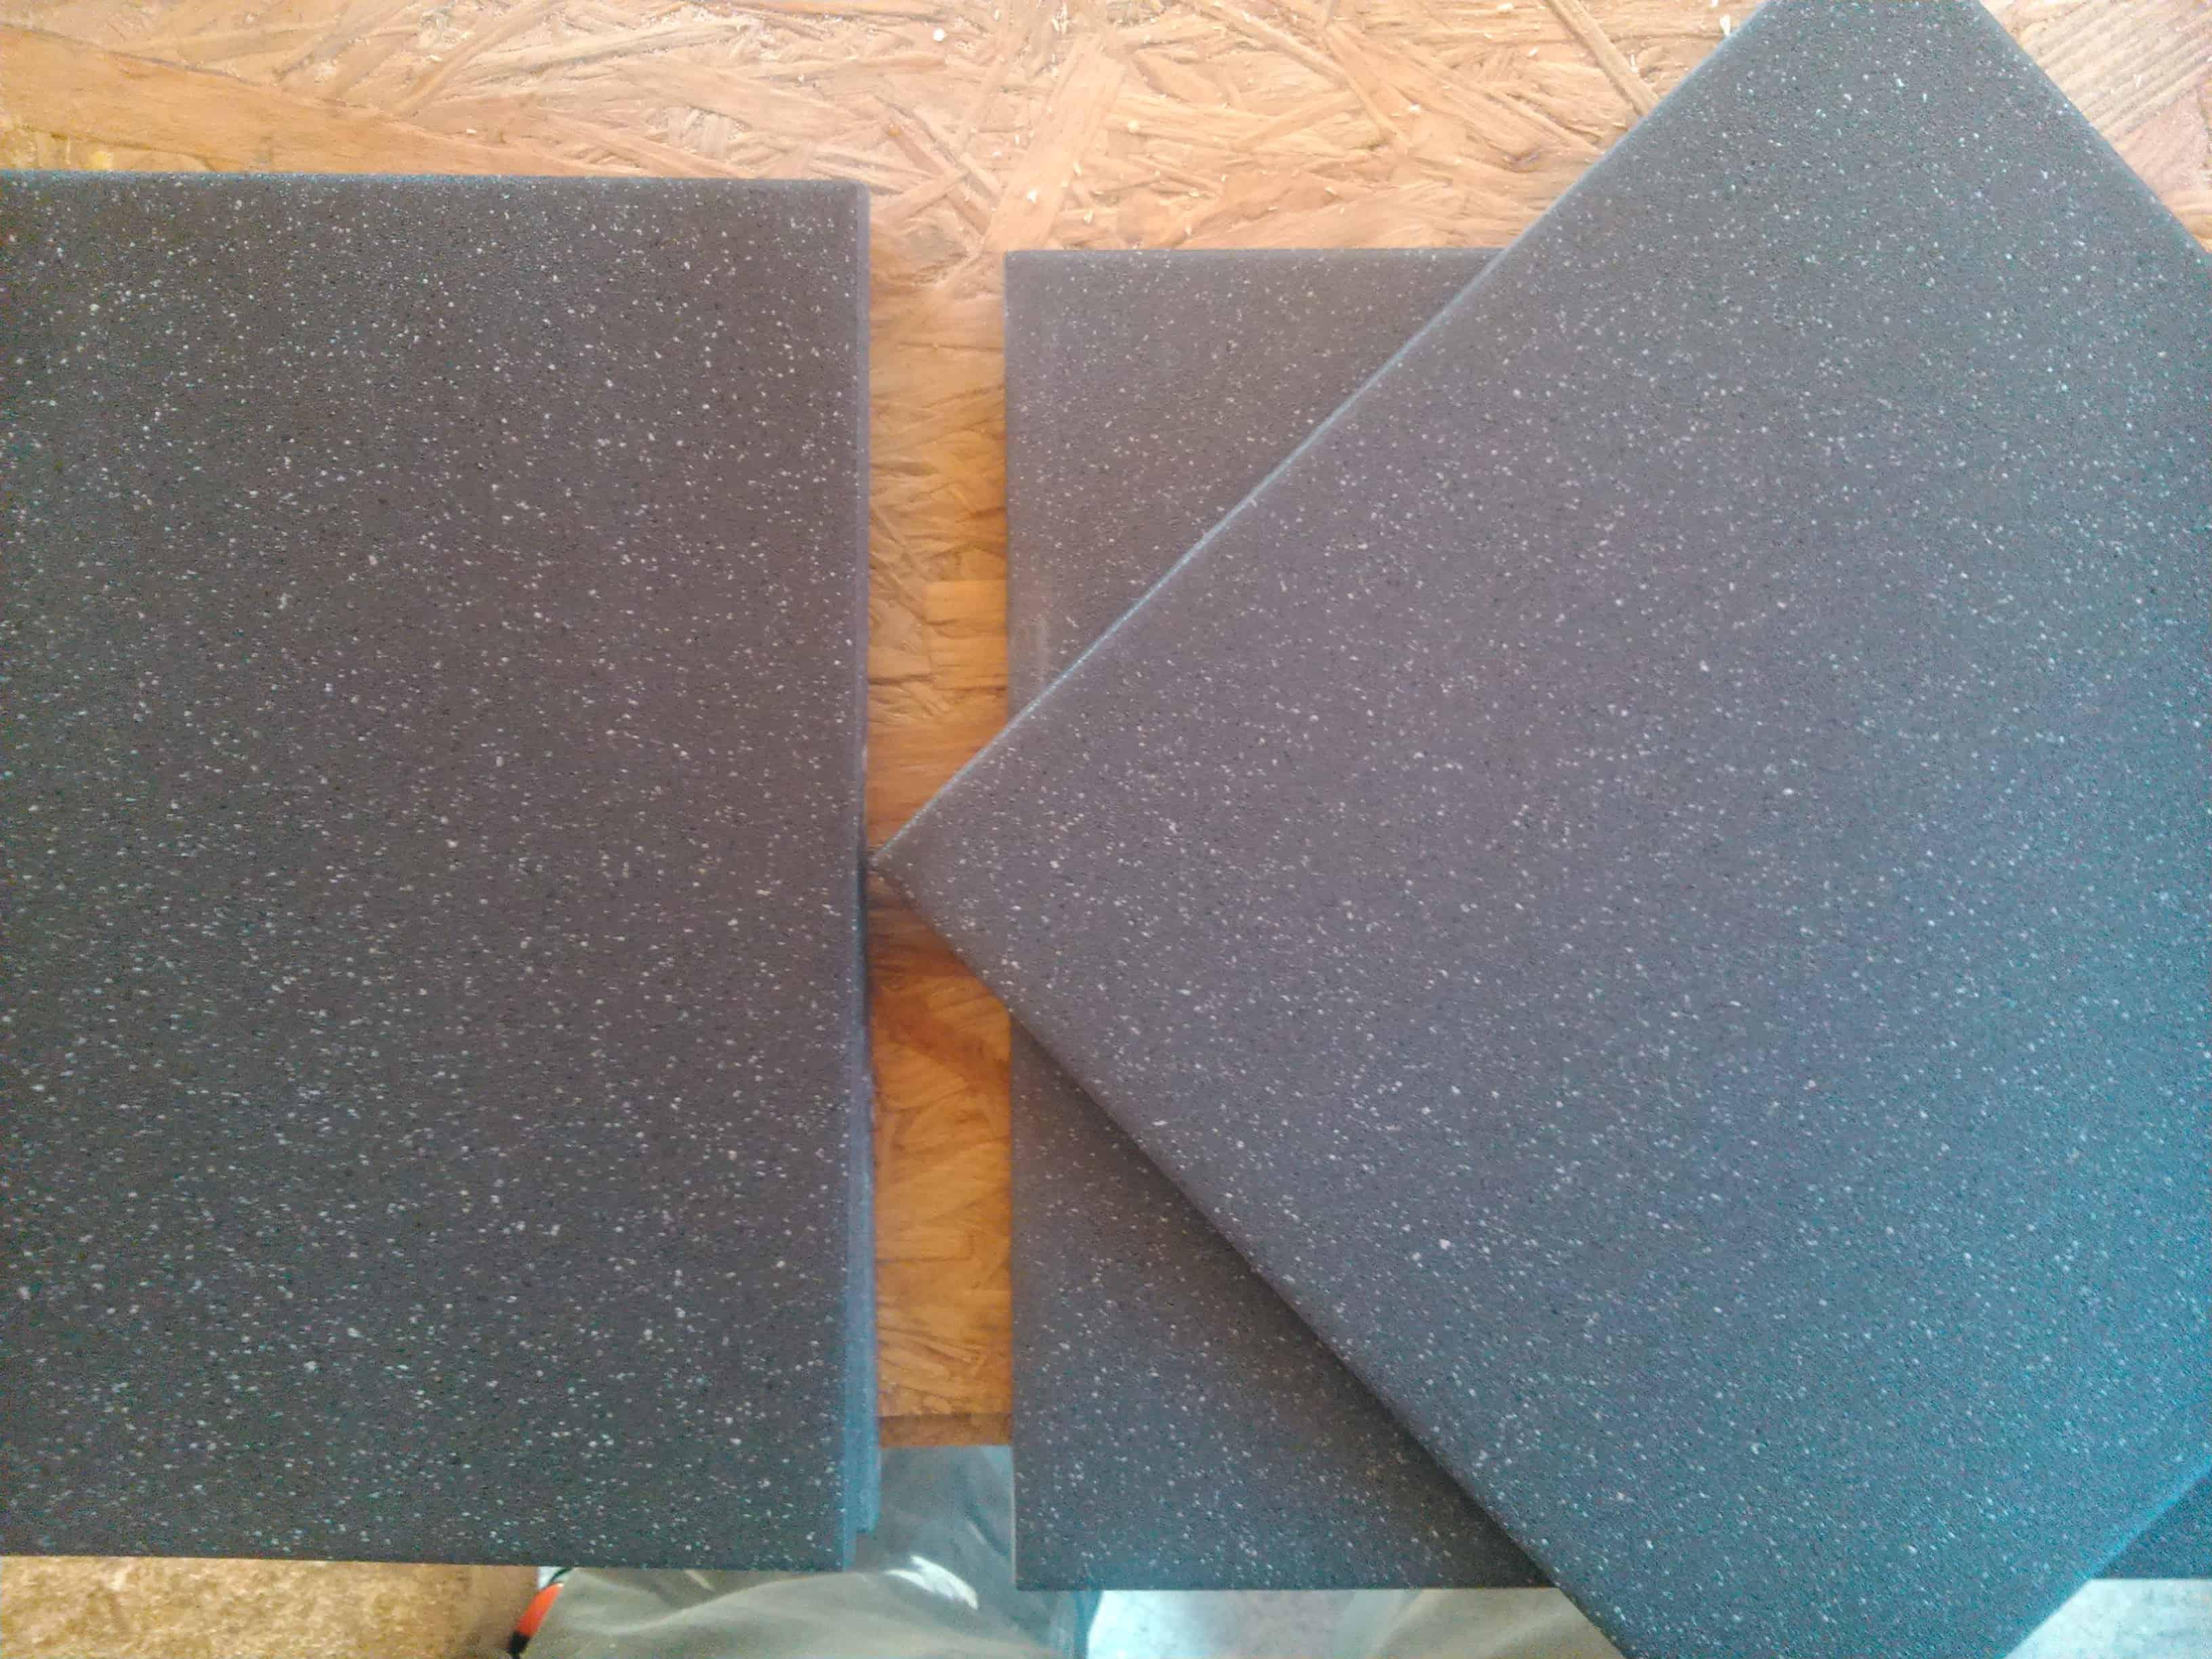 Fliesen günstig  Fliesen grau/anthrazit 20*20cm günstig kaufen im Baustoffhandel ...